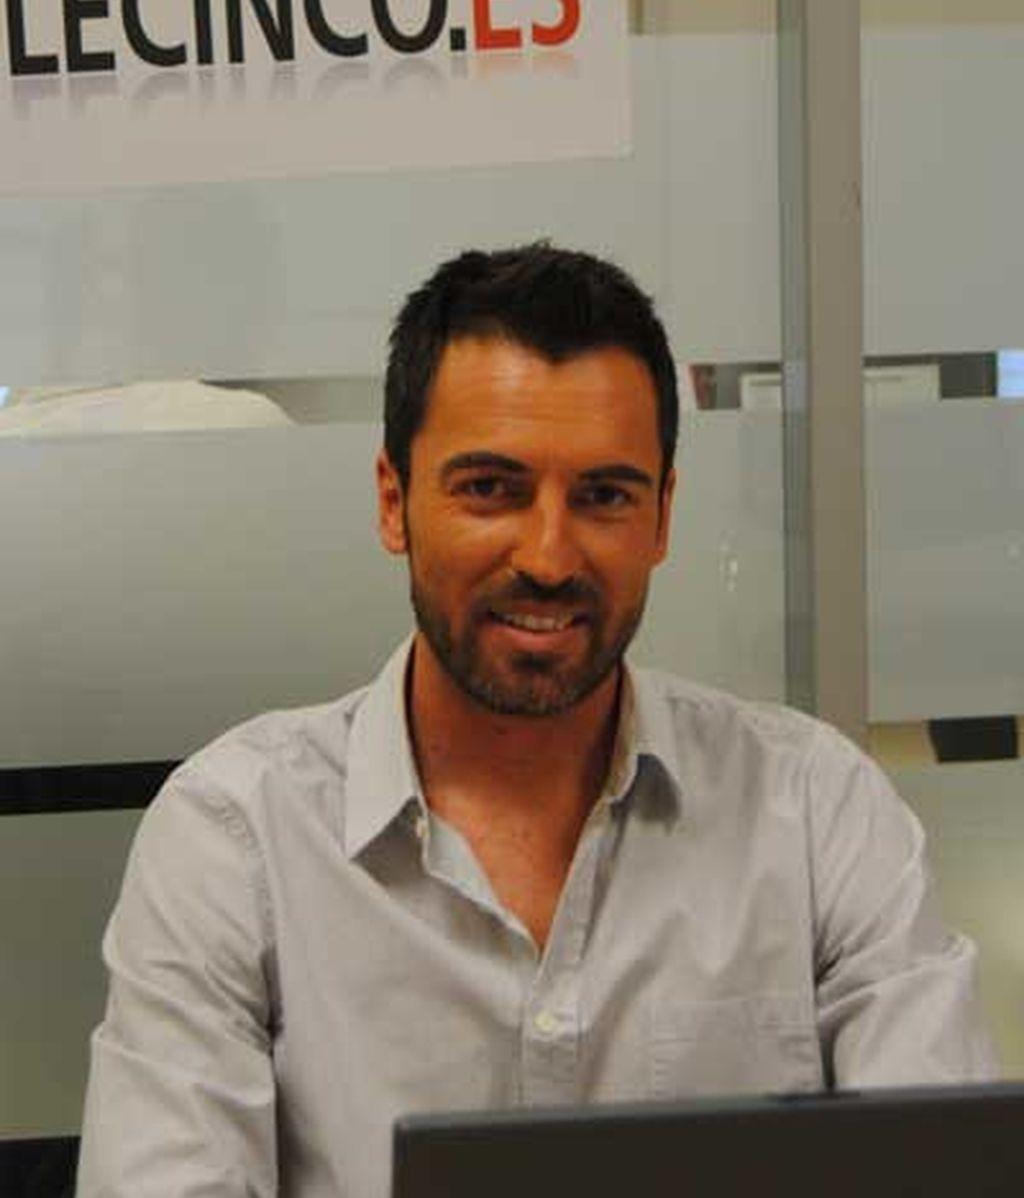 David Verdú visita telecinco.es